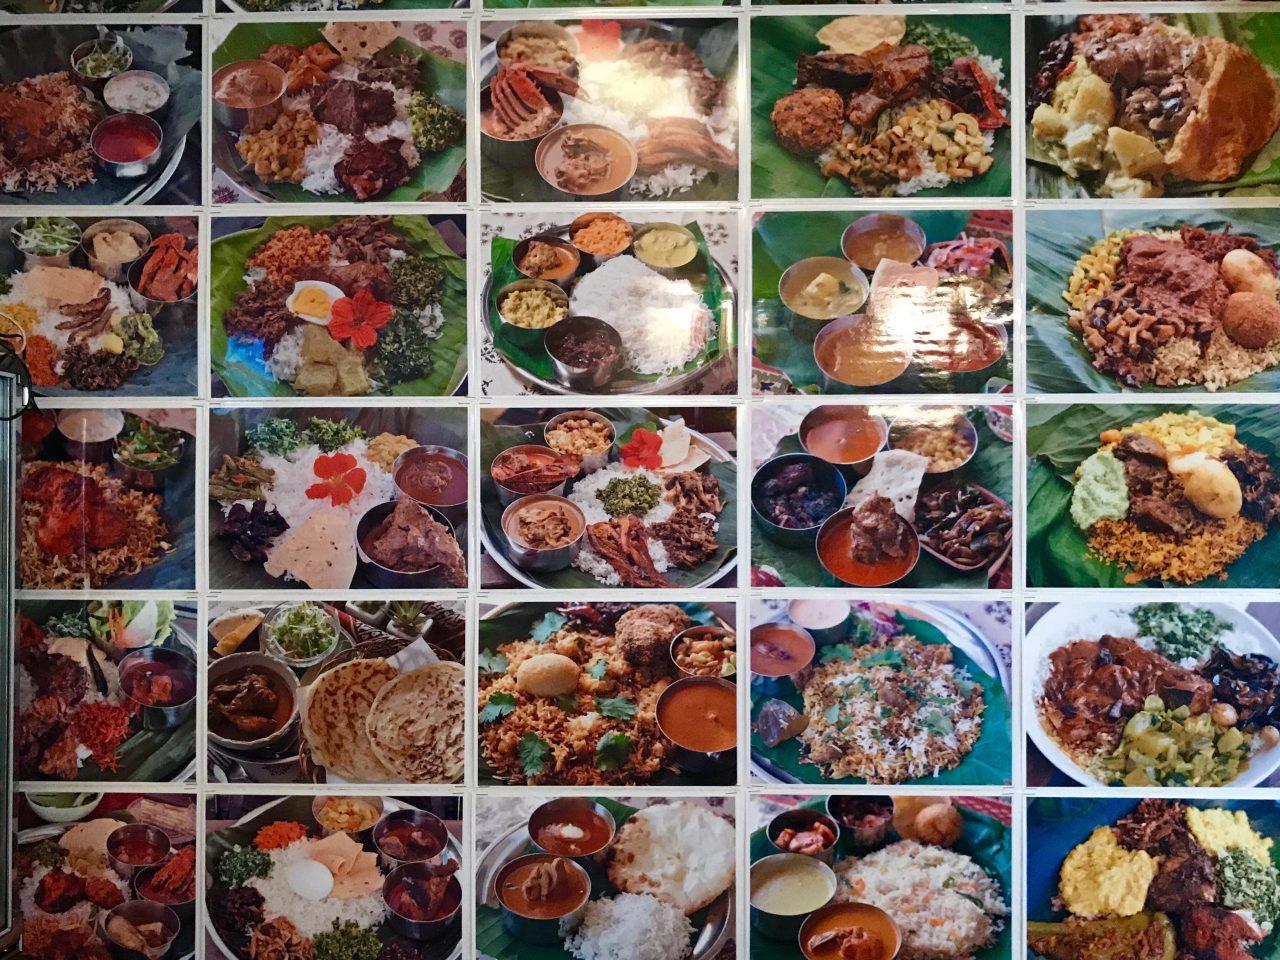 水戸のスリランカ料理コジコジ 料理の写真ギャラリー